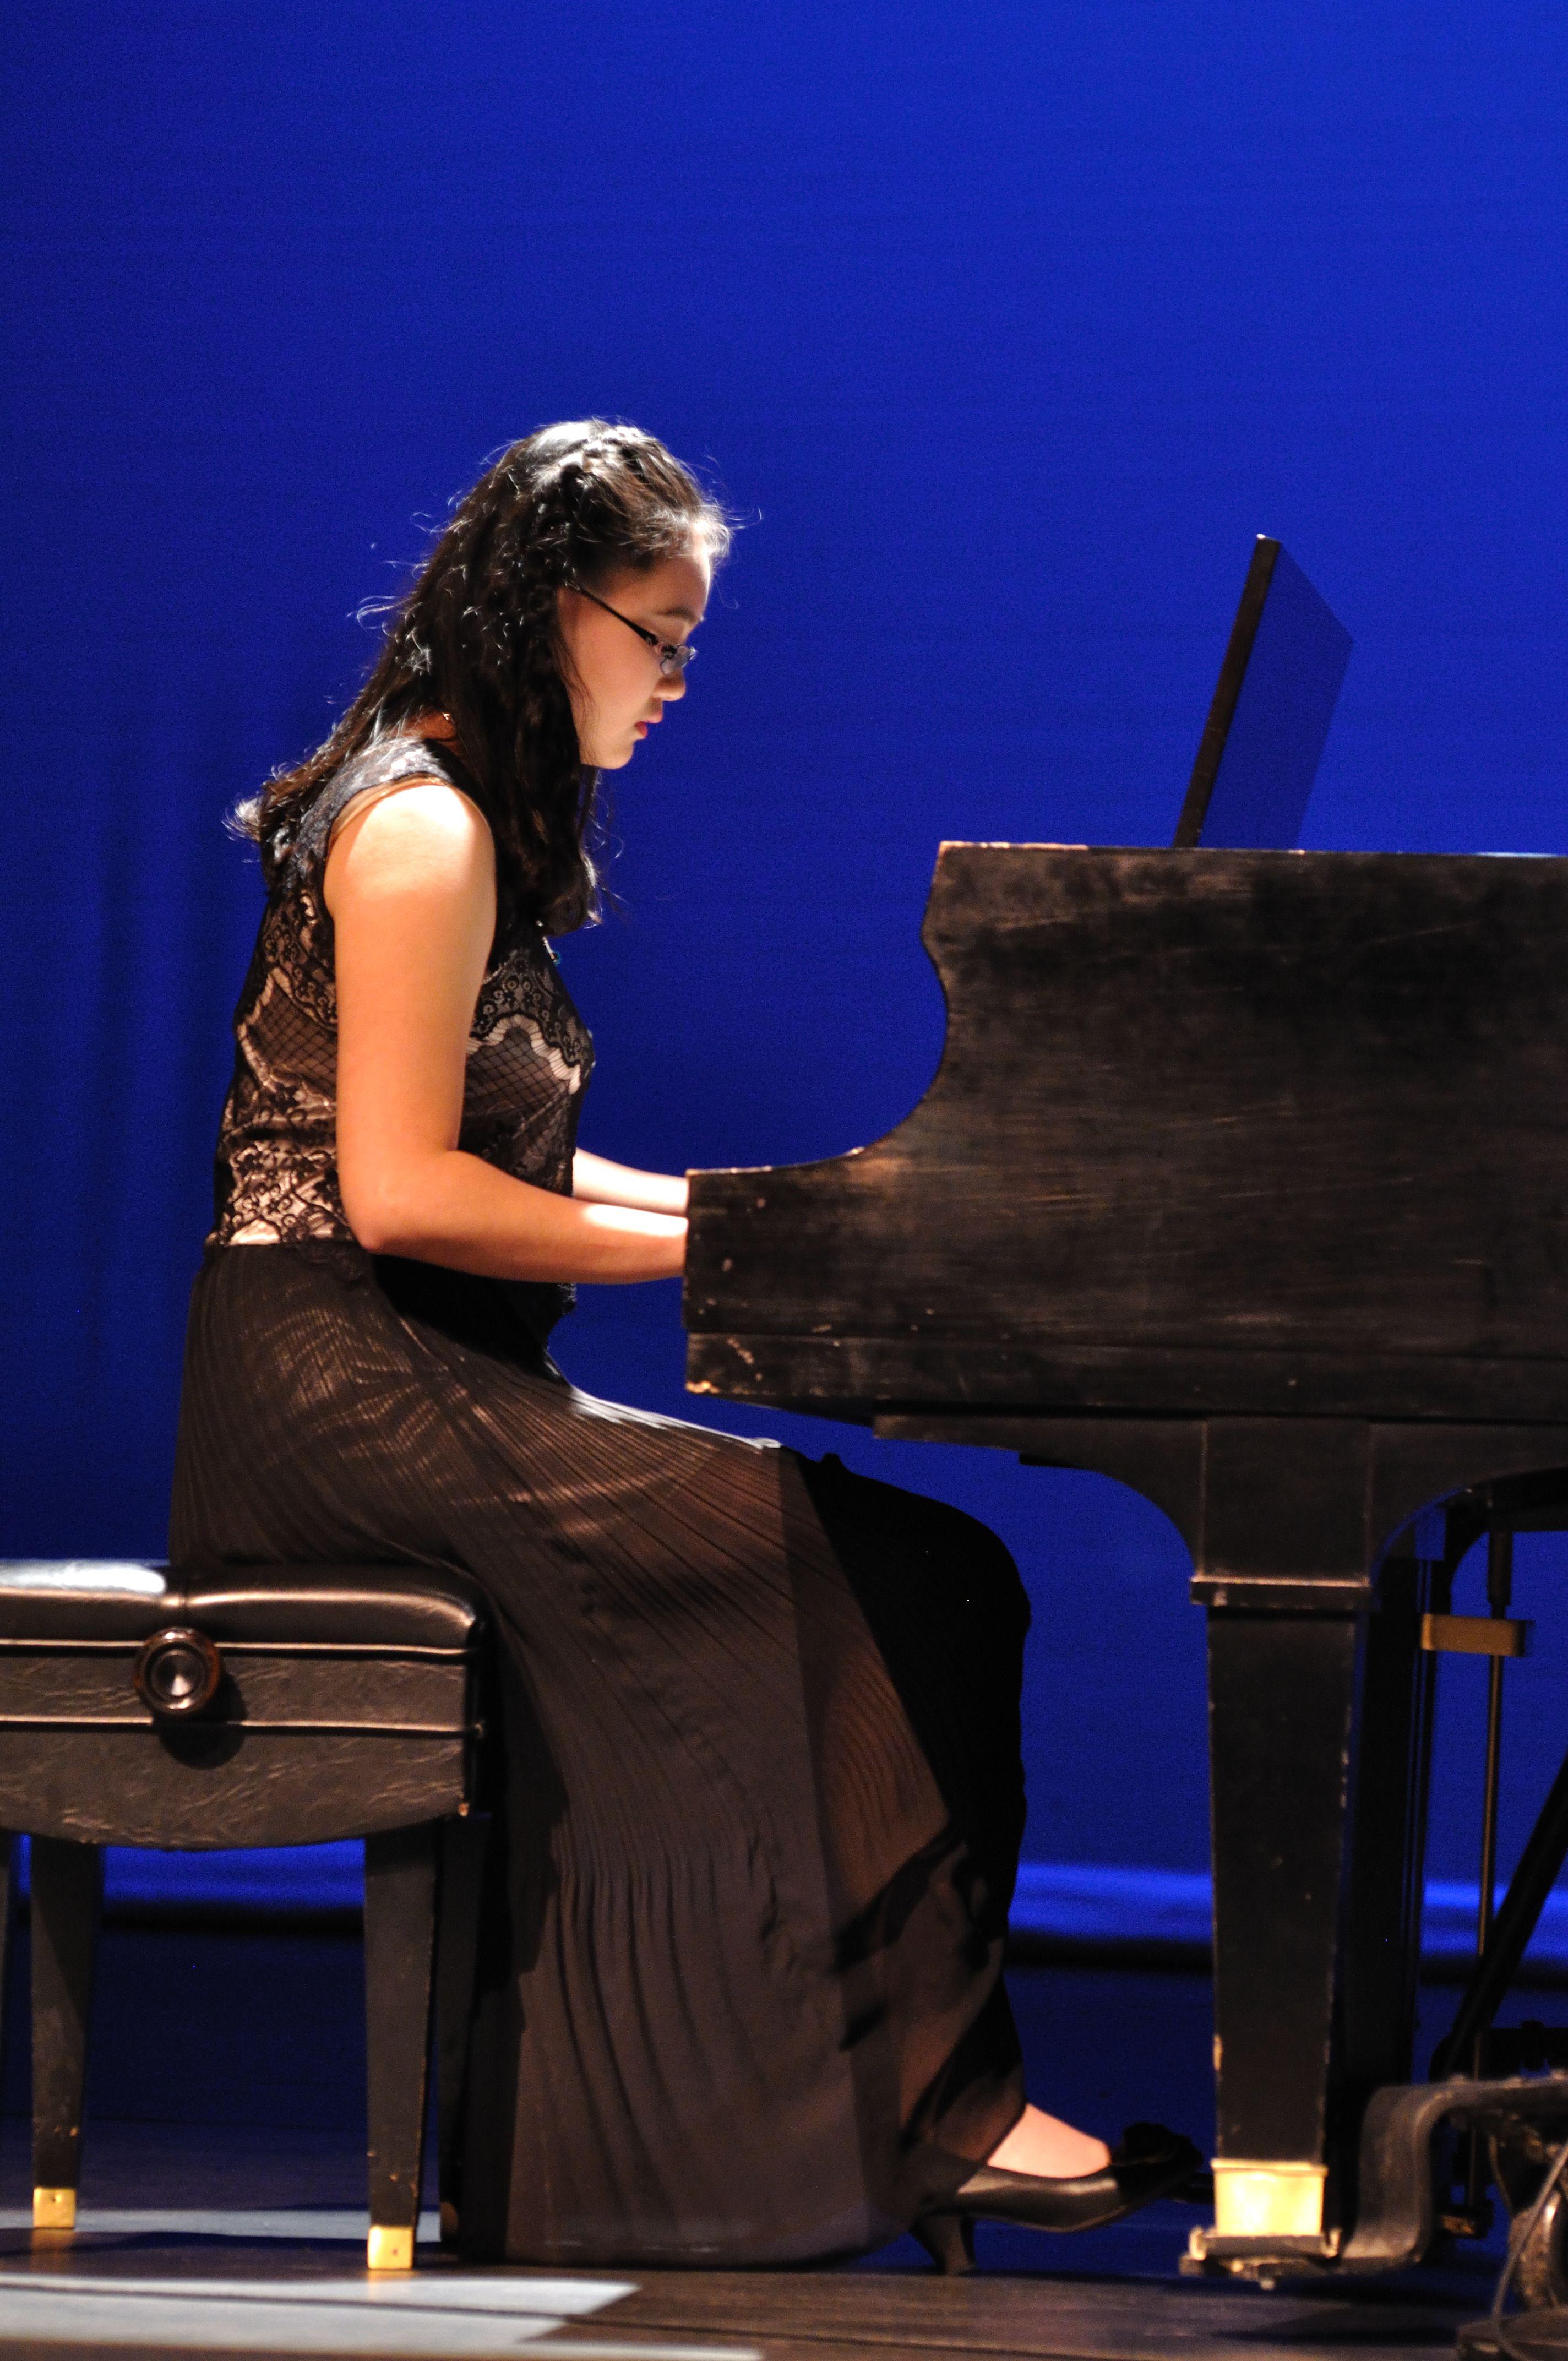 尚音老师赴法国参加音乐会表演